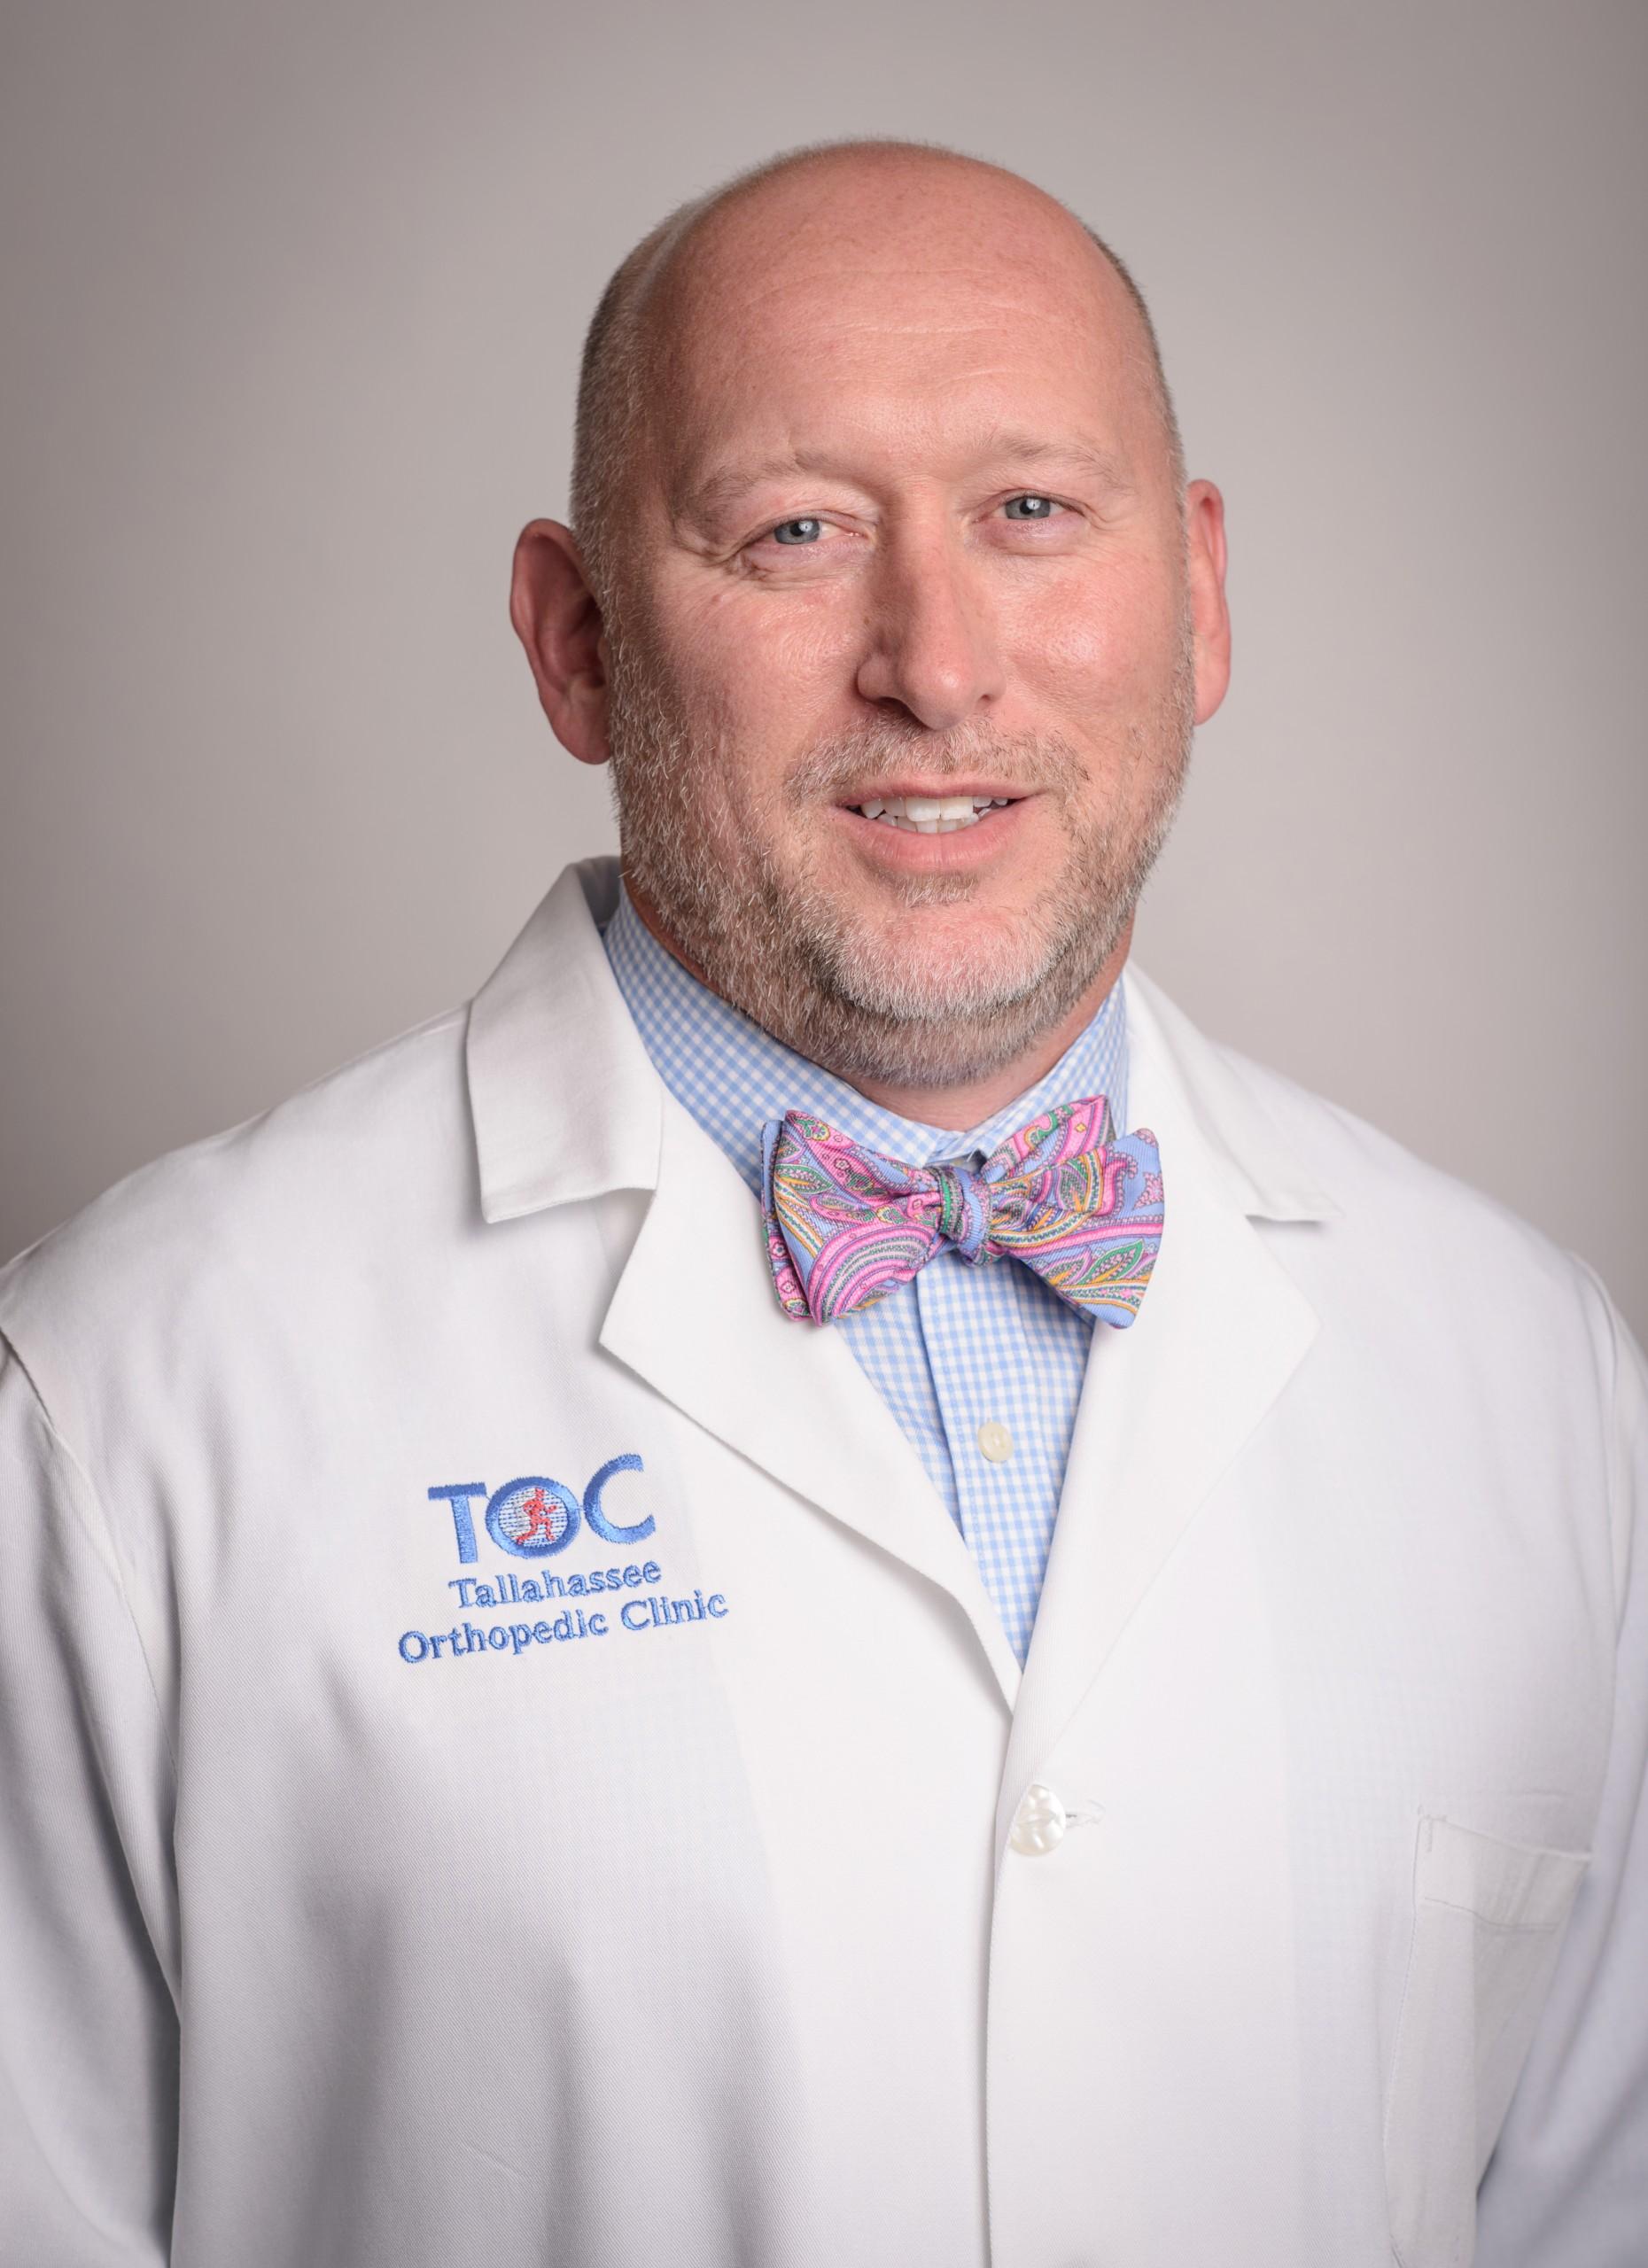 Todd Daniel Hewitt, MD